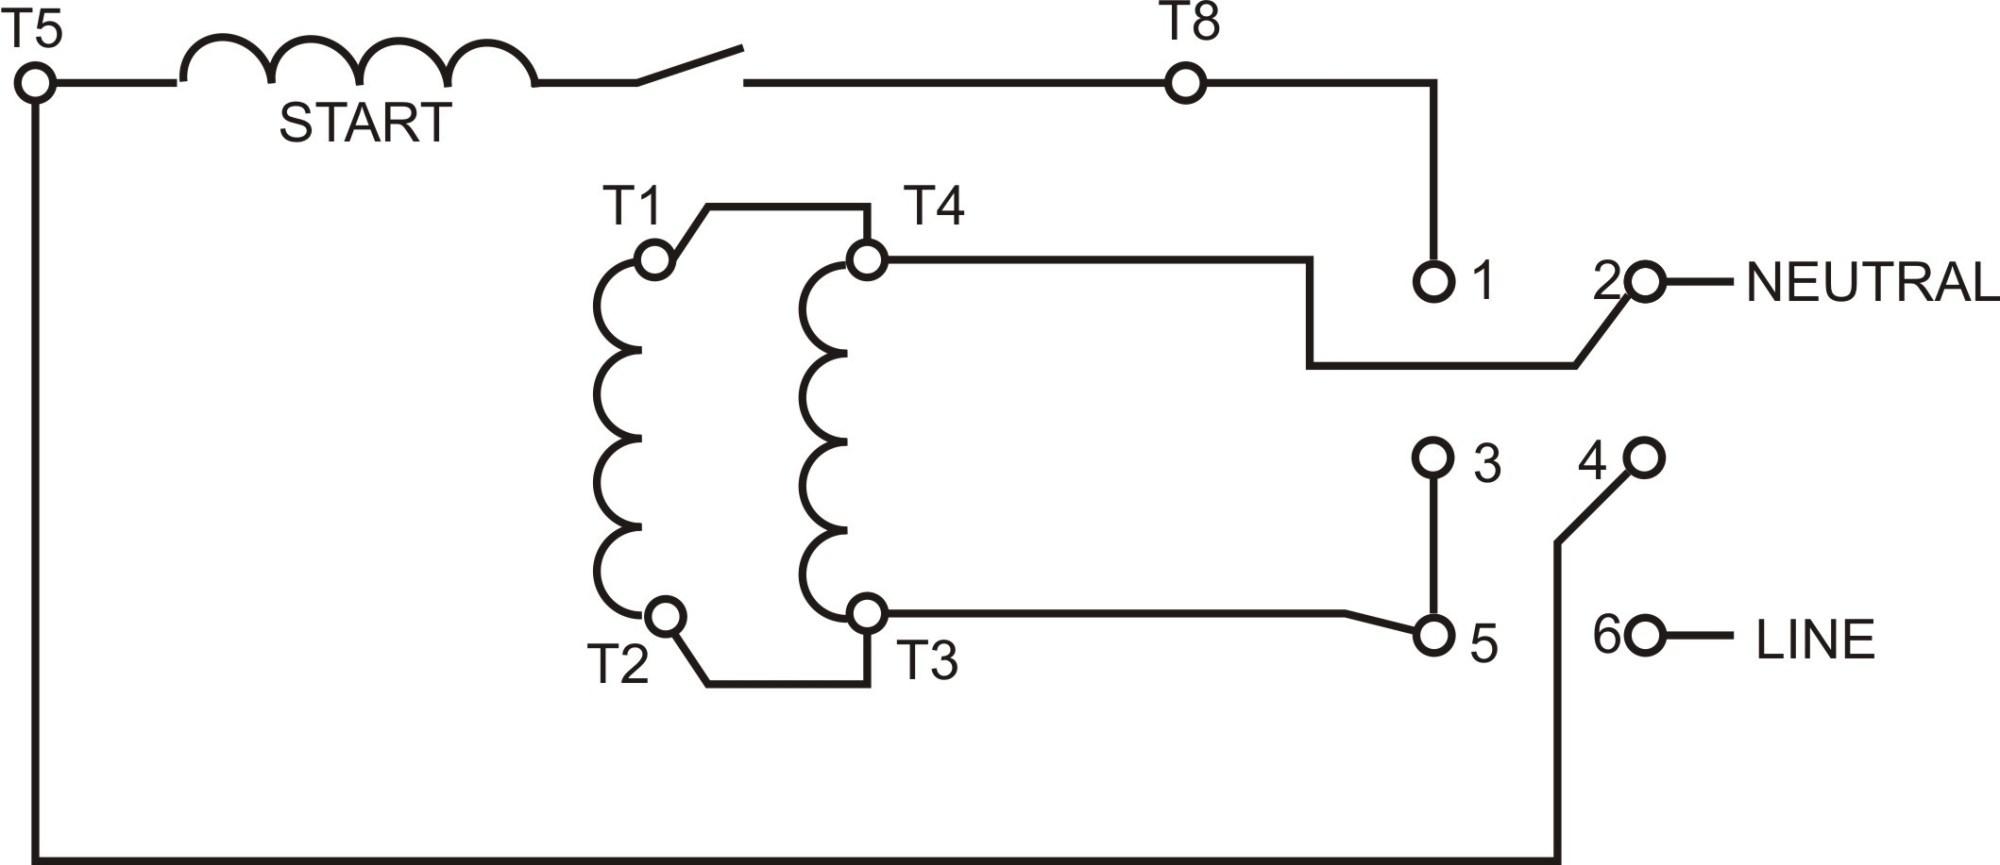 hight resolution of 460v motor wiring diagram